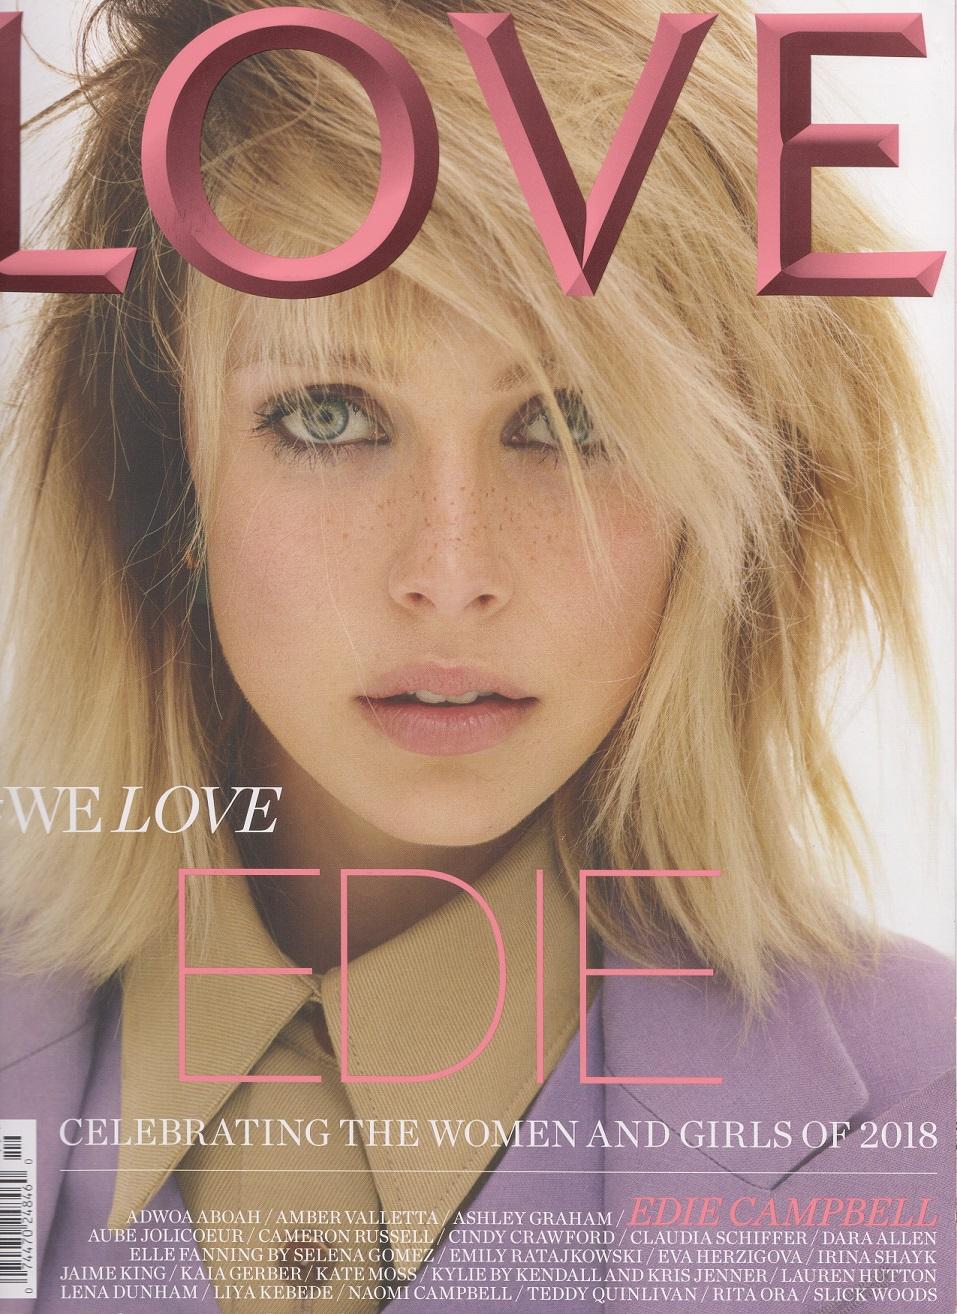 quelques jolies filles Edie-campbell-54101a0